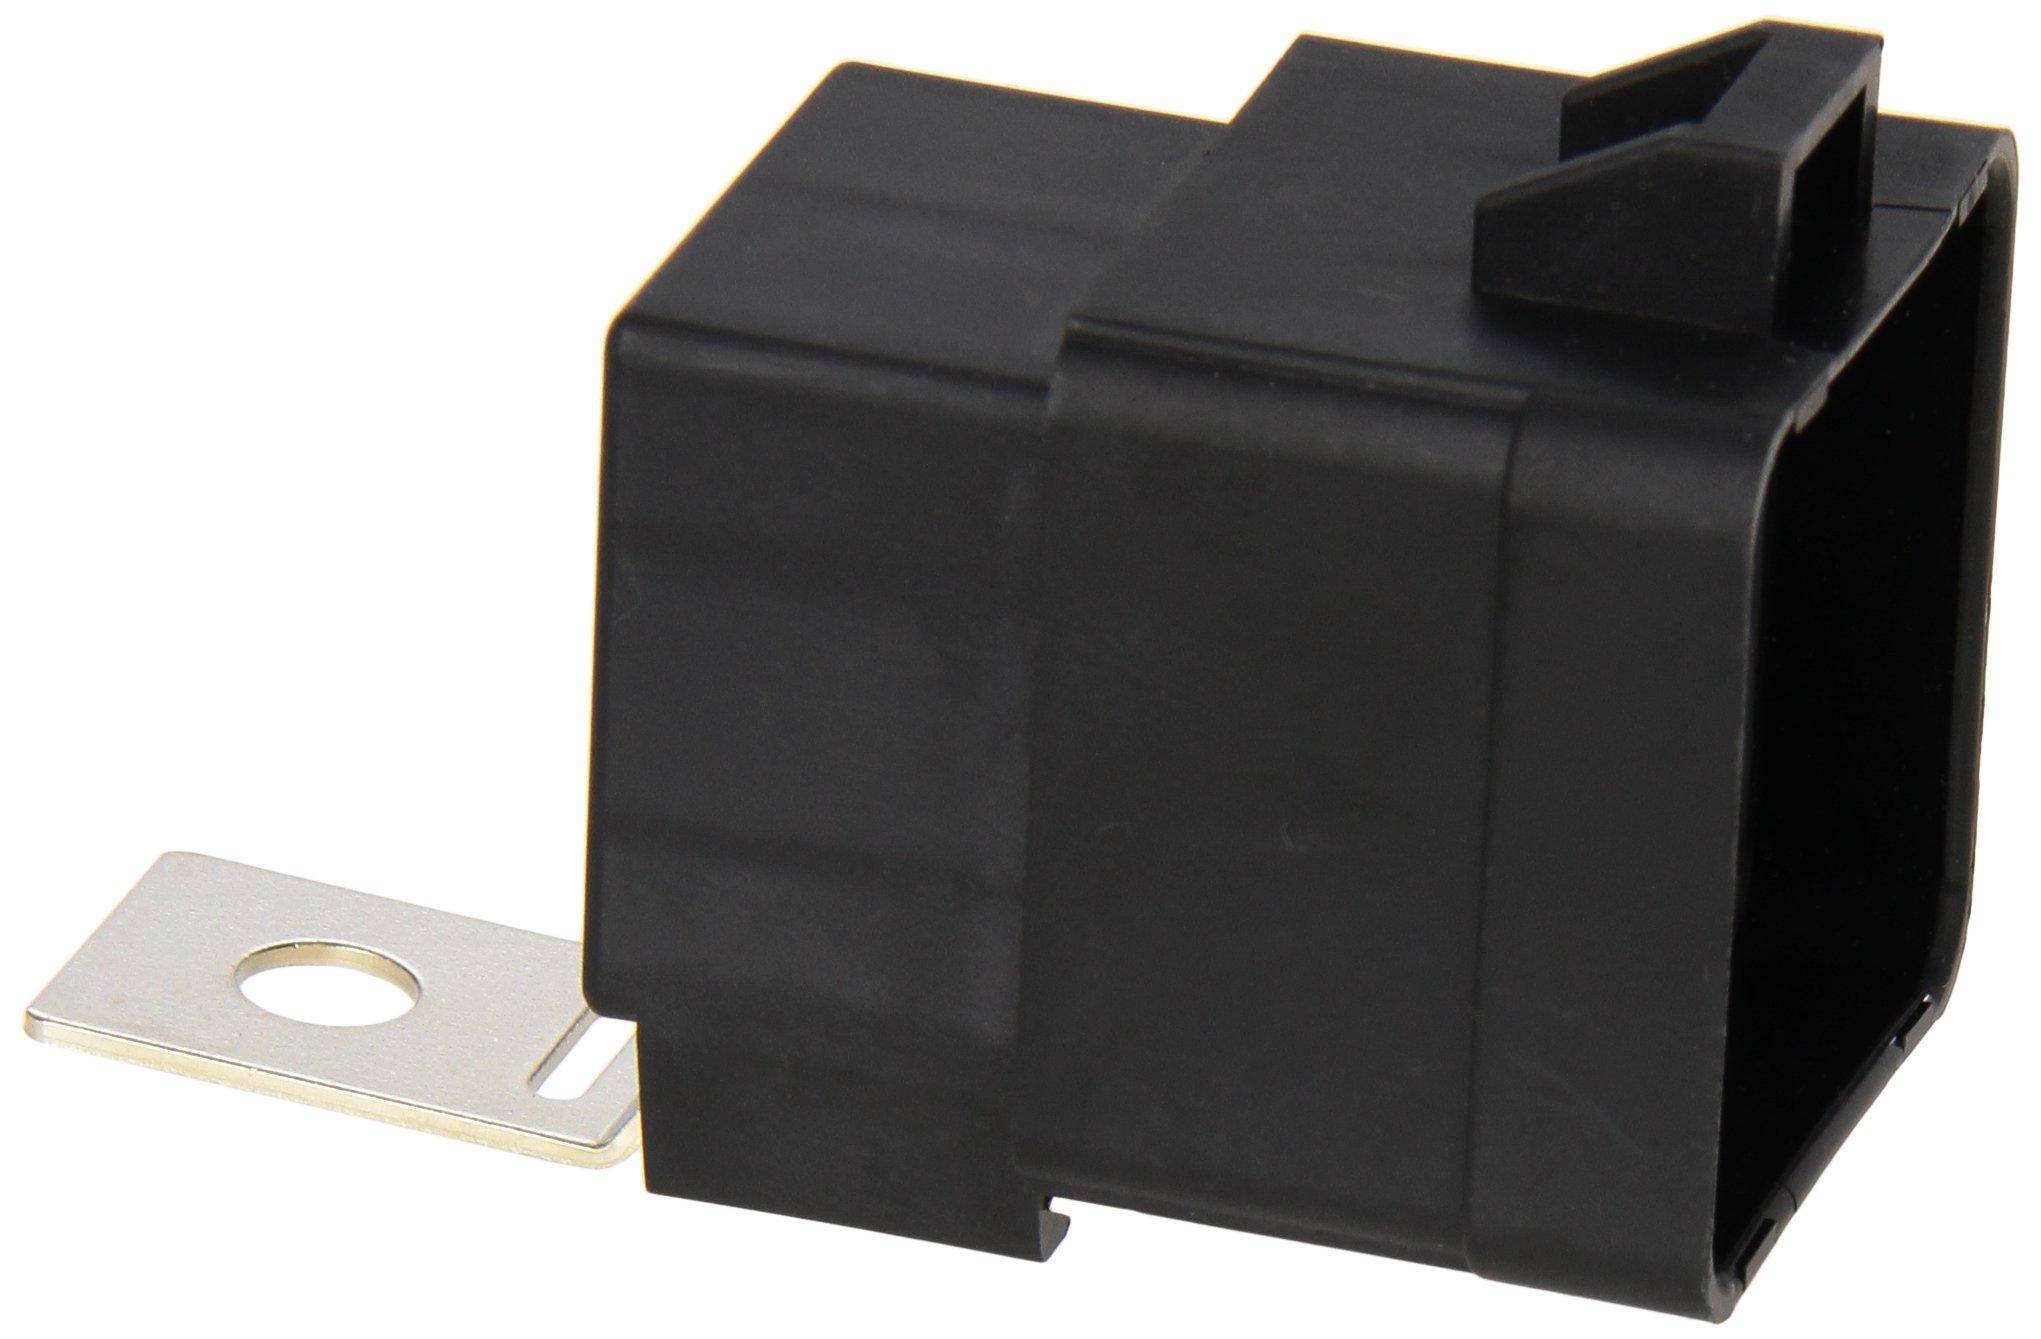 HELLA H41410081 Weatherproof 20/40 Amp SPDT 280 Footprint Mini Relay with Bracket